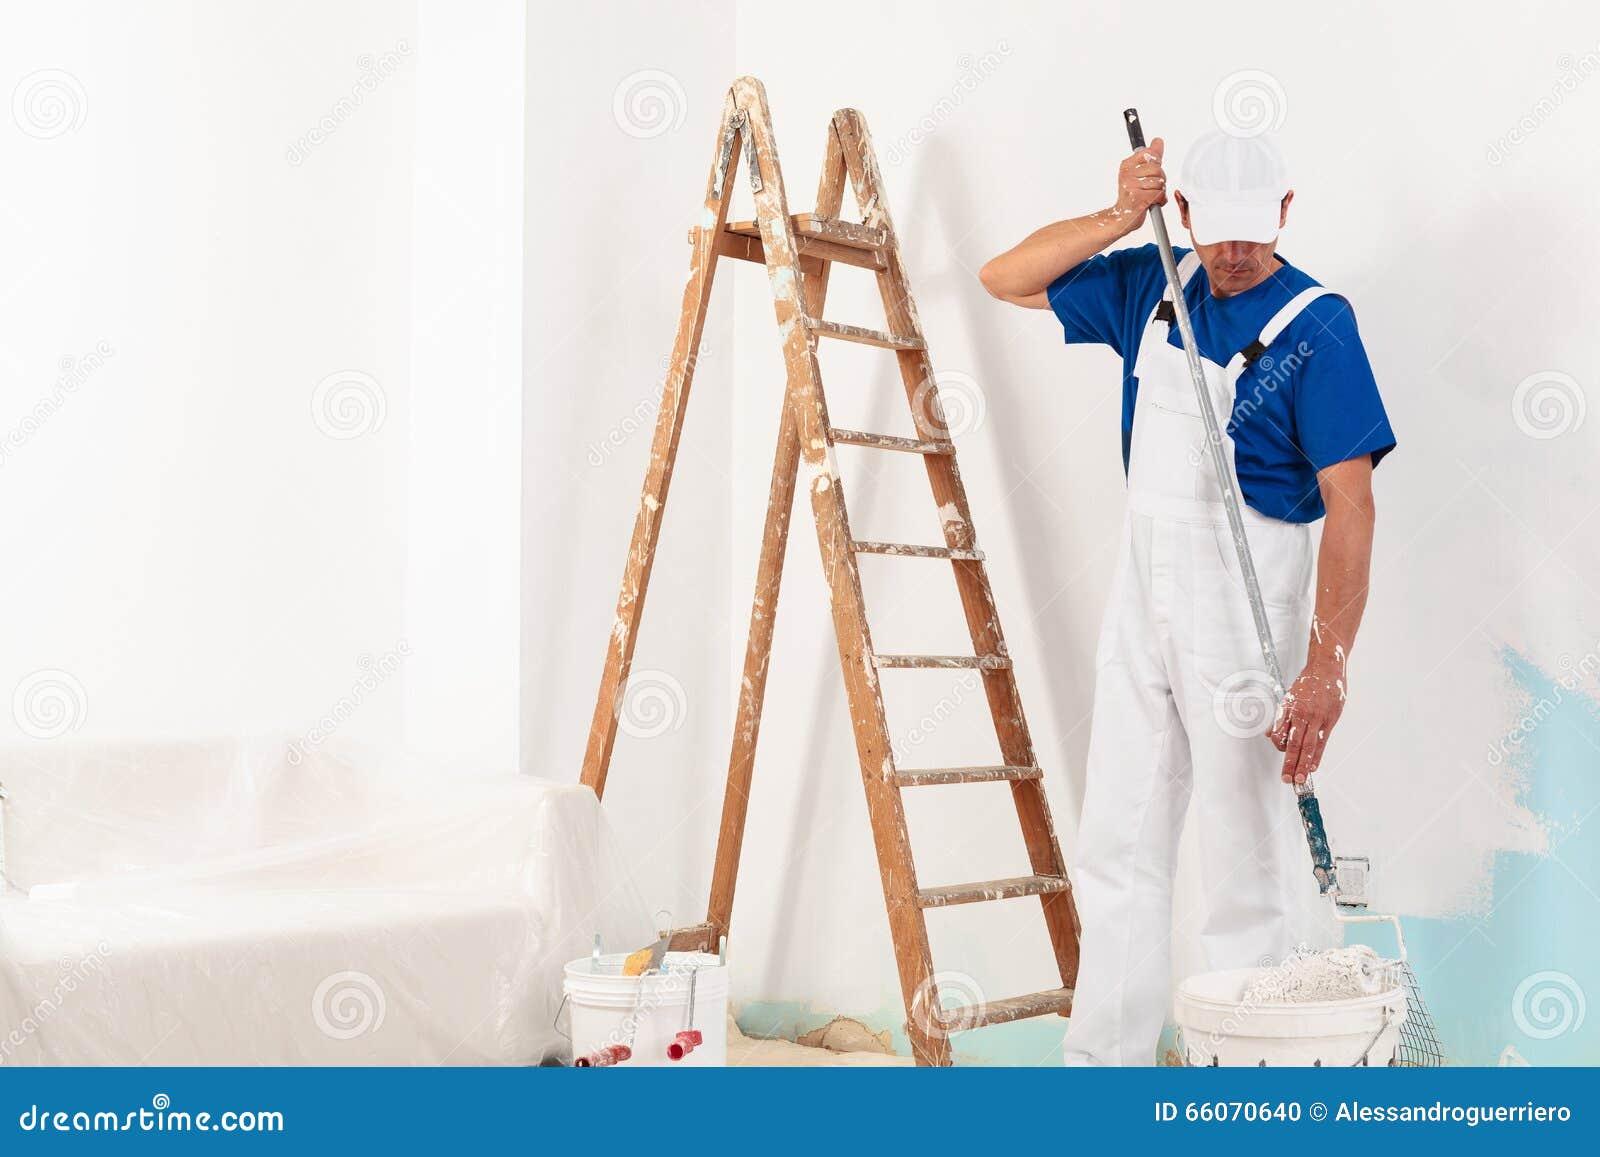 Painter man at work